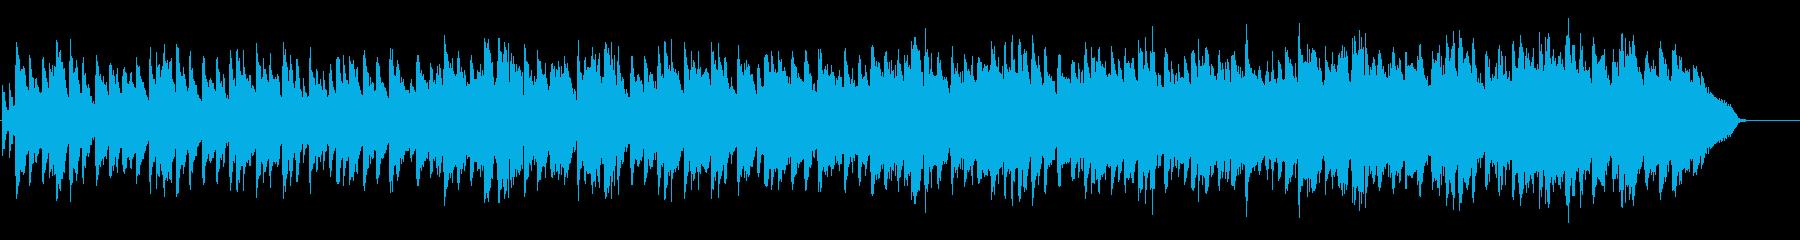 琴とバイオリンを使った和風な楽曲の再生済みの波形